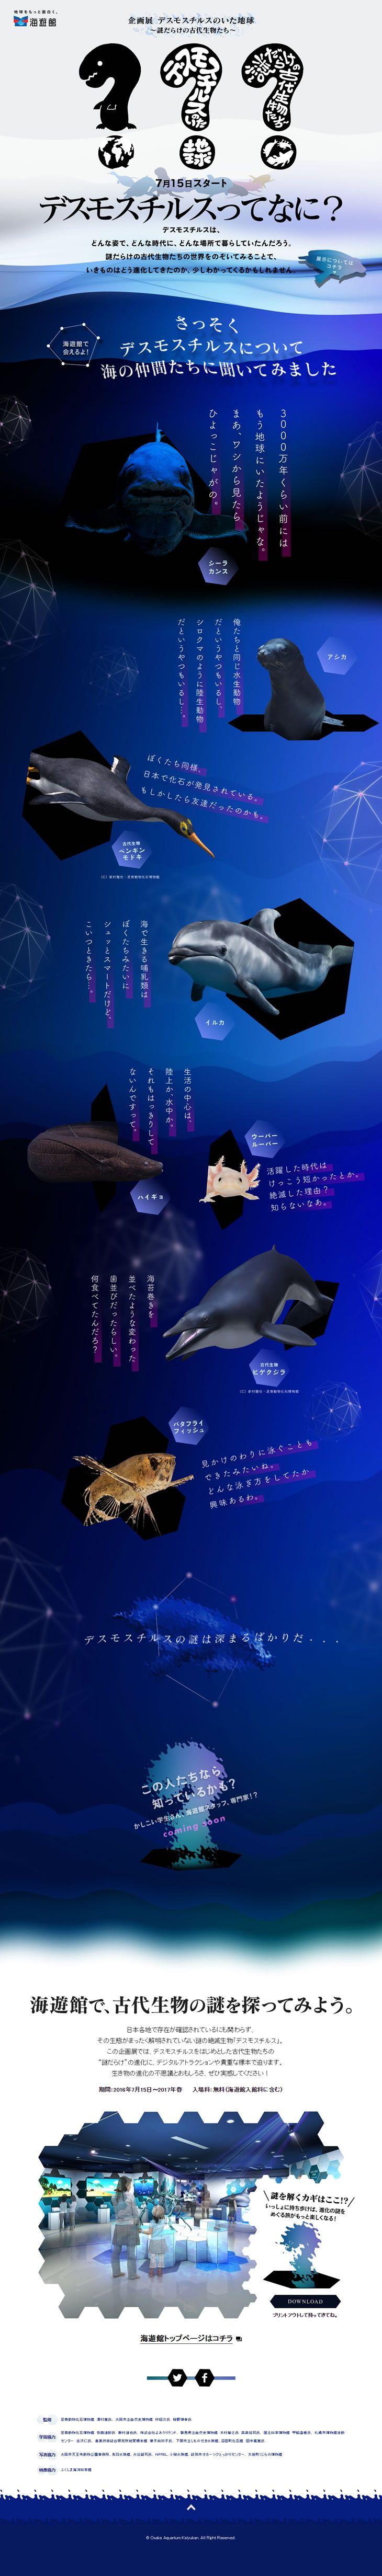 デスモスチルスがいた地球~謎だらけの古代生物たち~【サービス関連】のLPデザイン。WEBデザイナーさん必見!ランディングページのデザイン参考に(アート・芸術系)